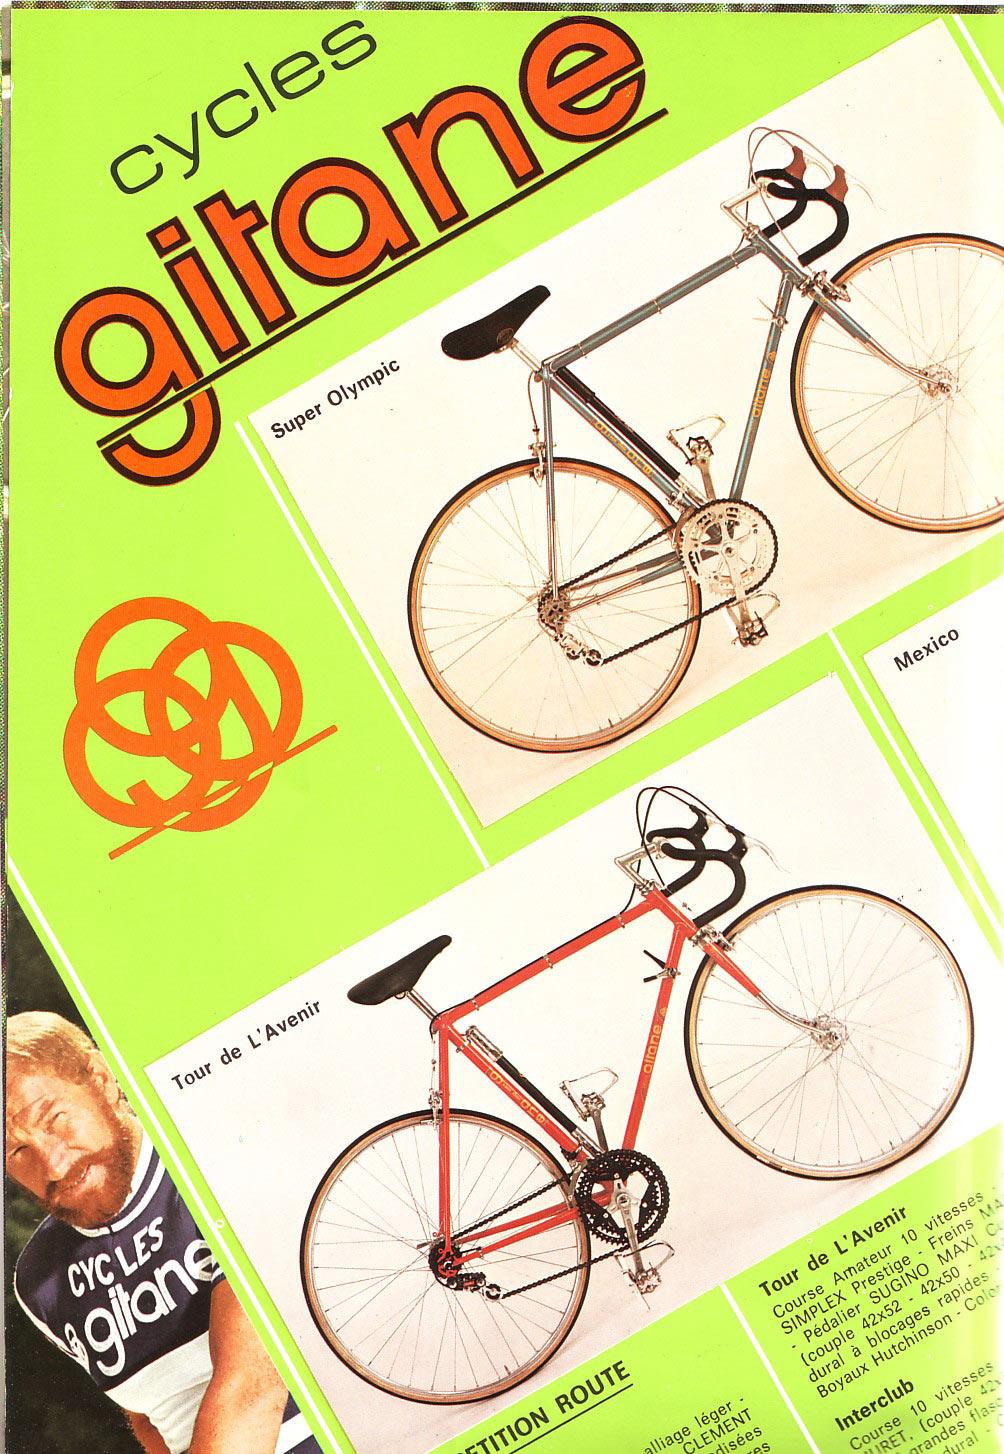 Gitane Super Olympic 1975 ? FR_1975_02